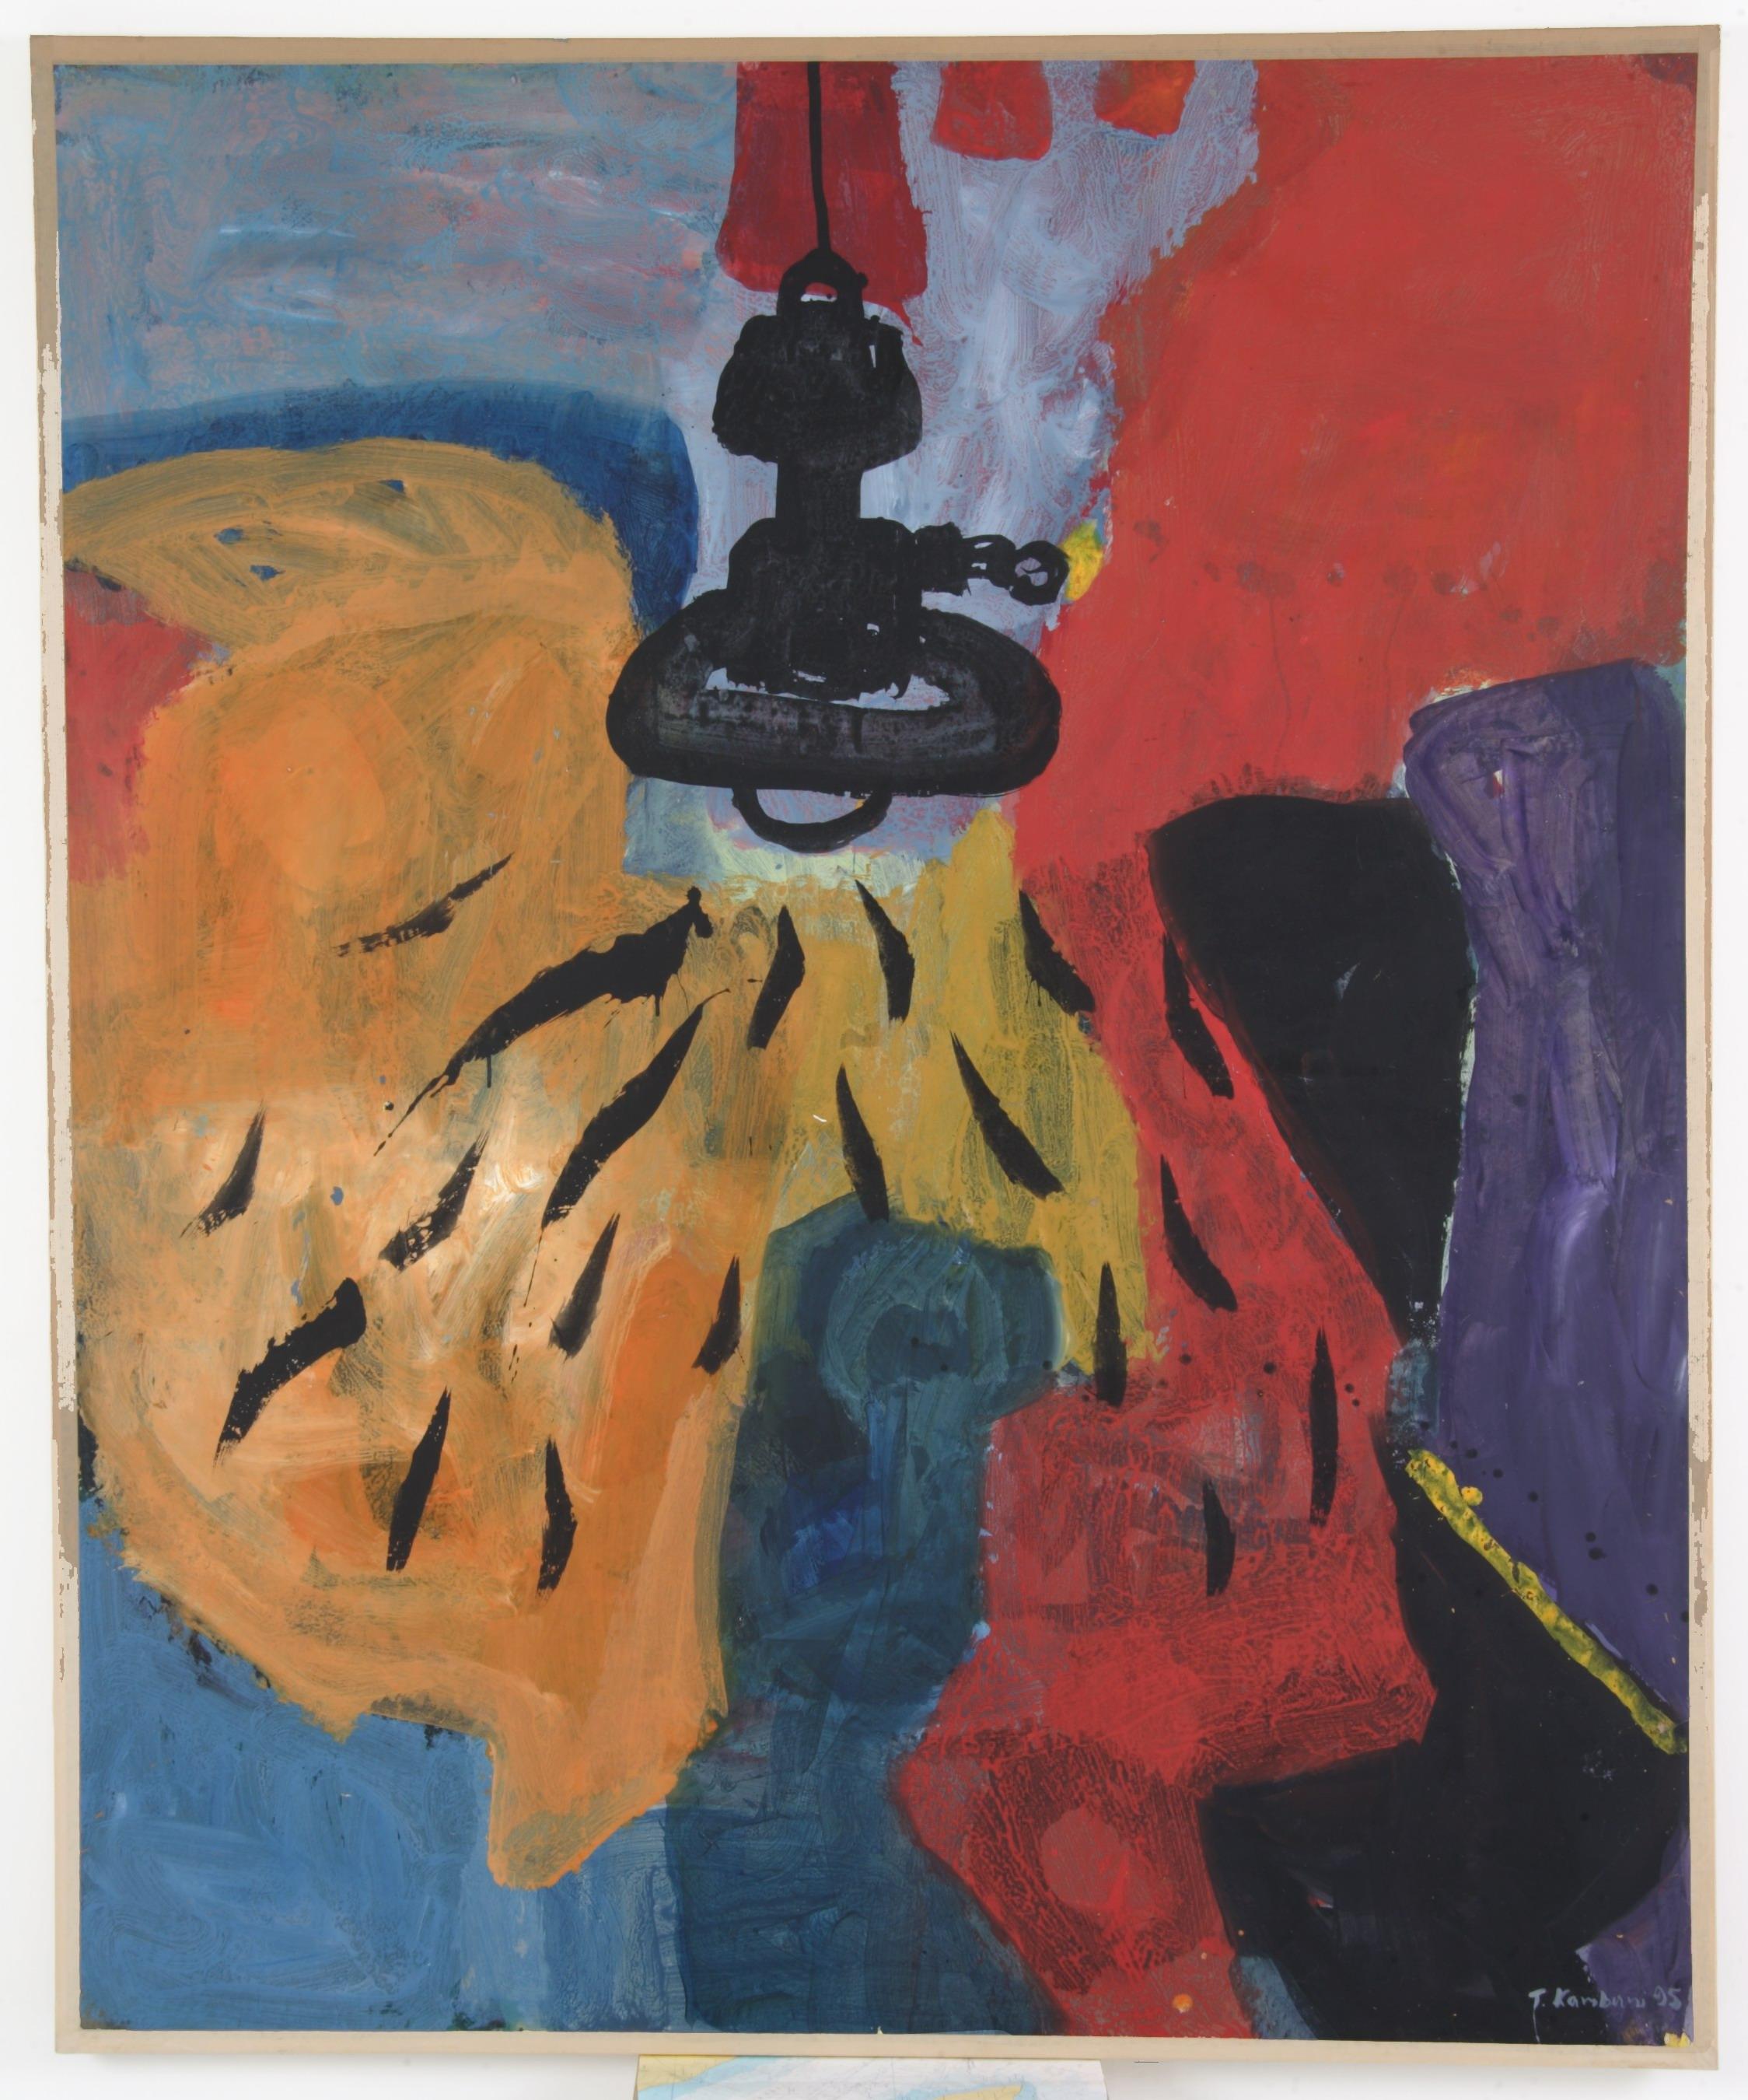 Η λάμπα, 1995, 140x170cm